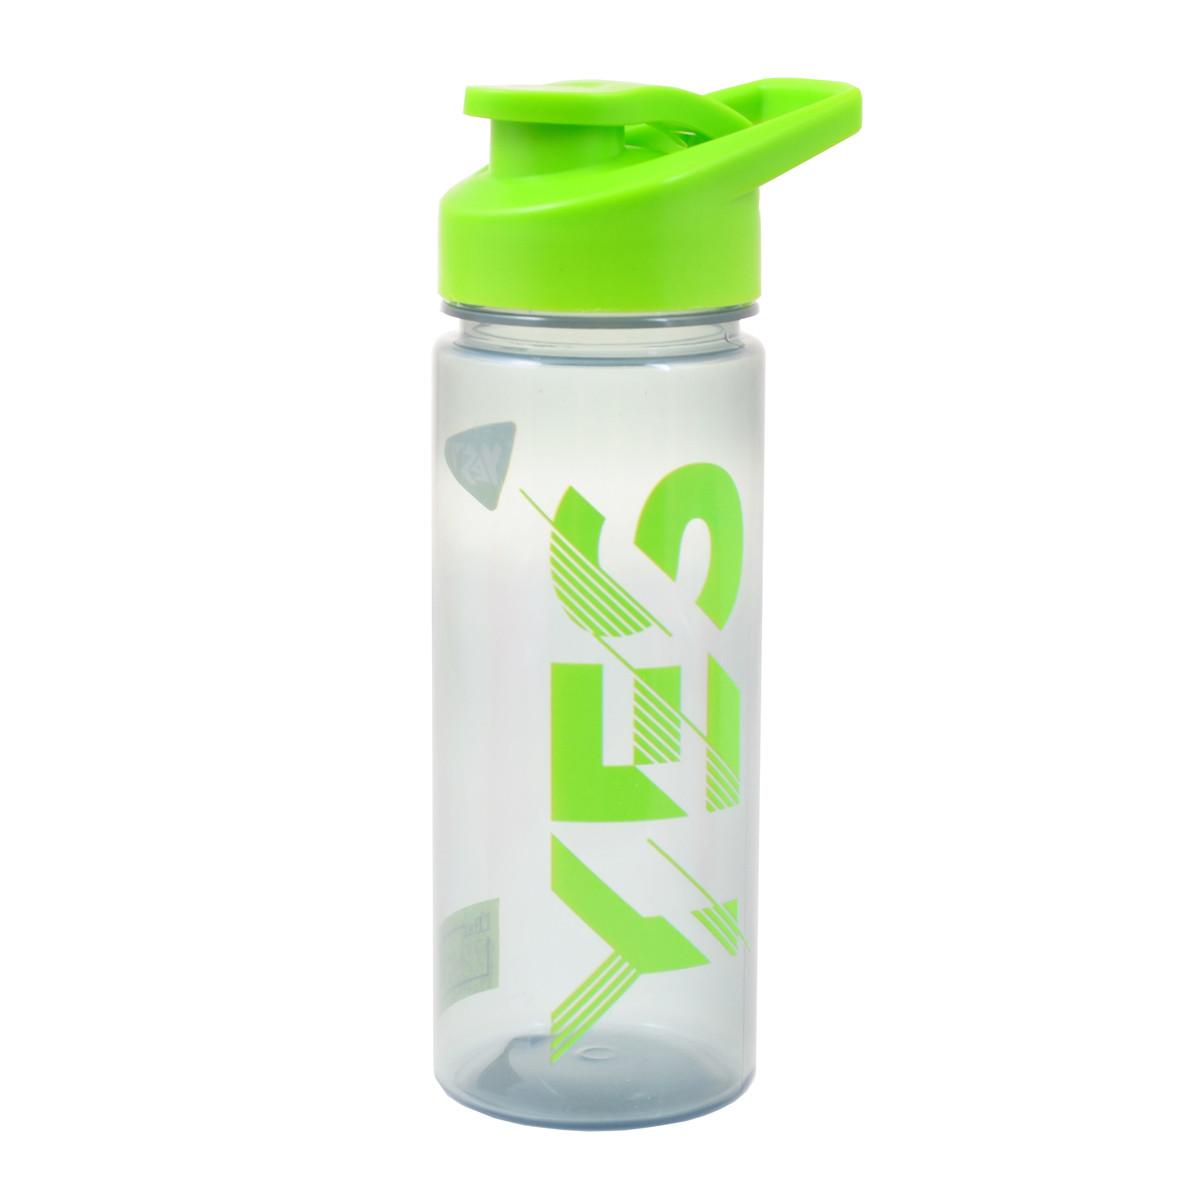 Бутылка для воды YES Yes, 500 мл     код: 706912